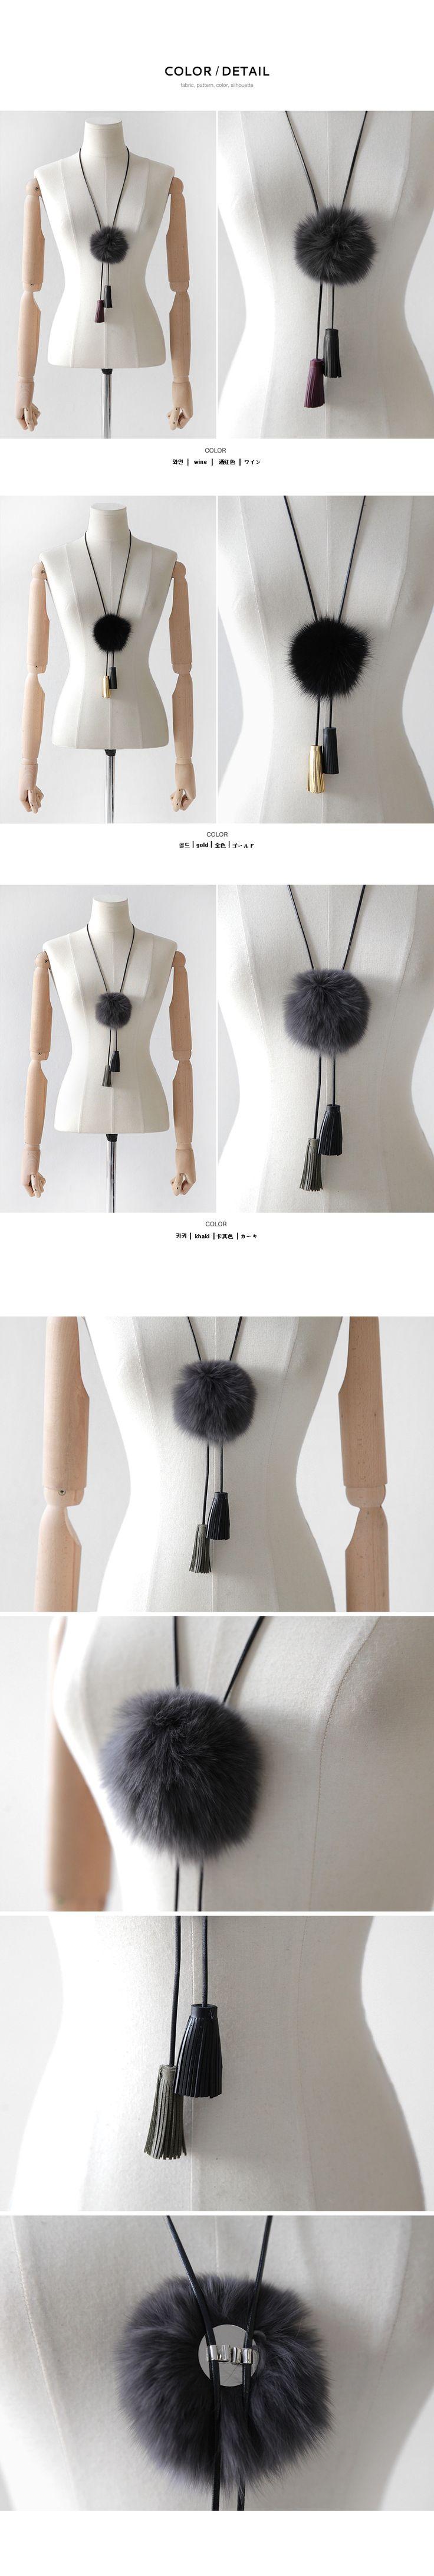 ファーポンポンタッセルつきチューブネックレス・全3色ジュエリーネックレス|レディースファッション通販 DHOLICディーホリック [ファストファッション 水着 ワンピース] necklace 15aw